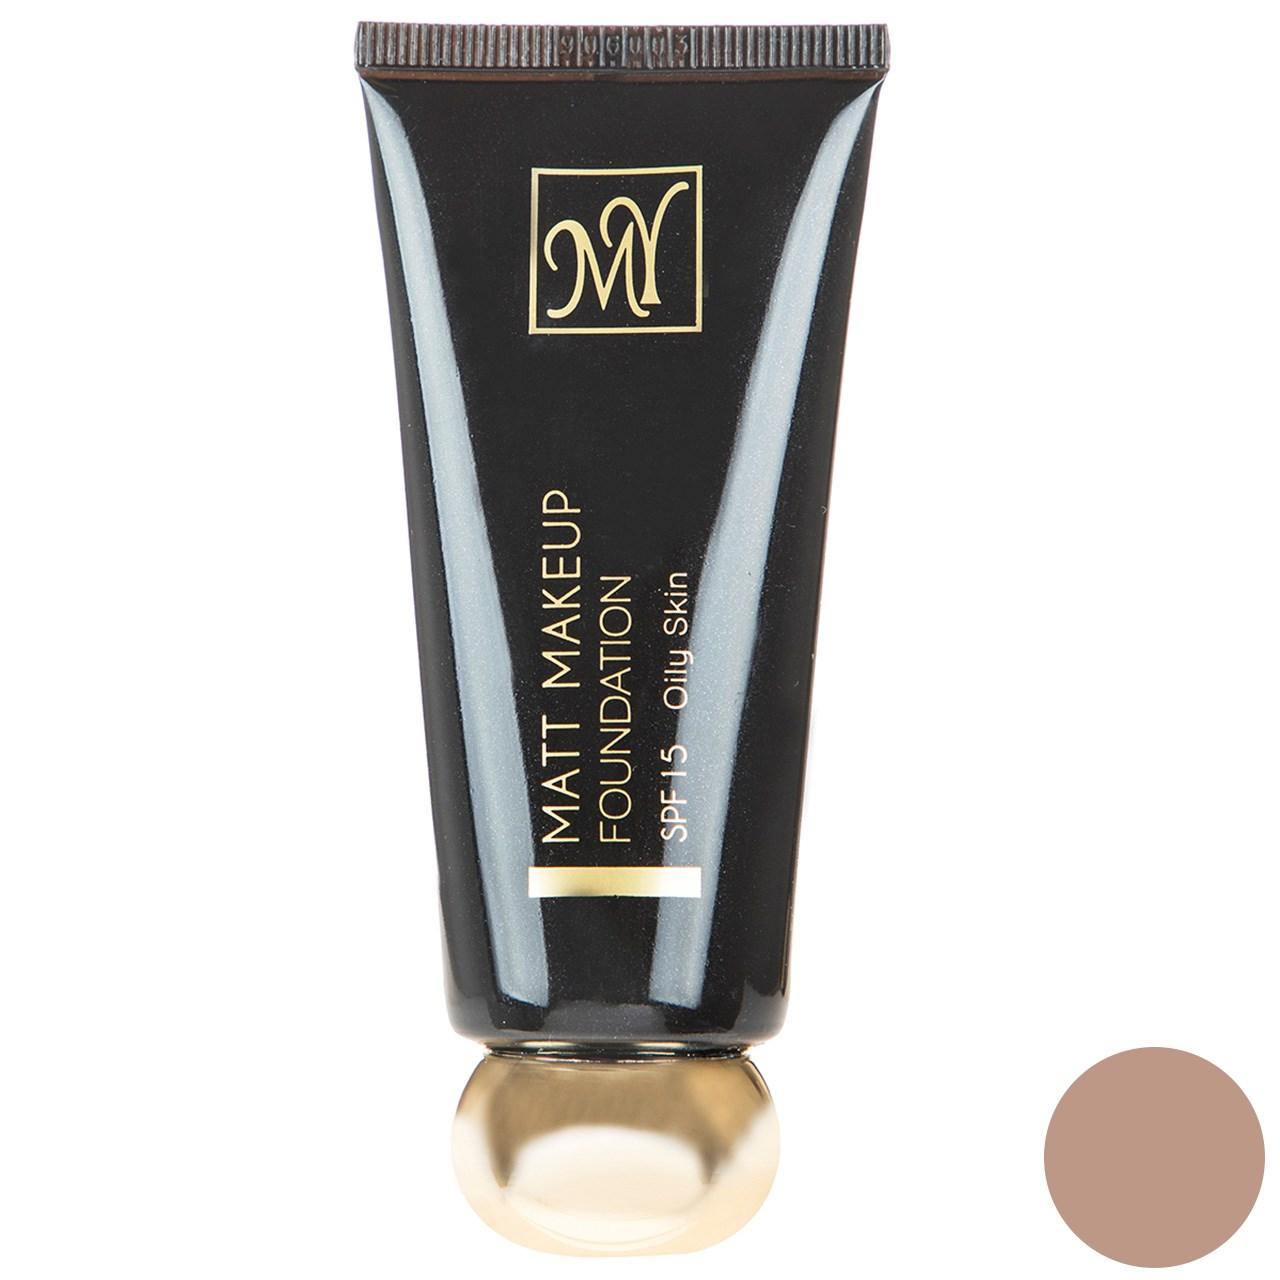 قیمت کرم پودر مای سری Black Diamond مدل Matt Makeup شماره 06